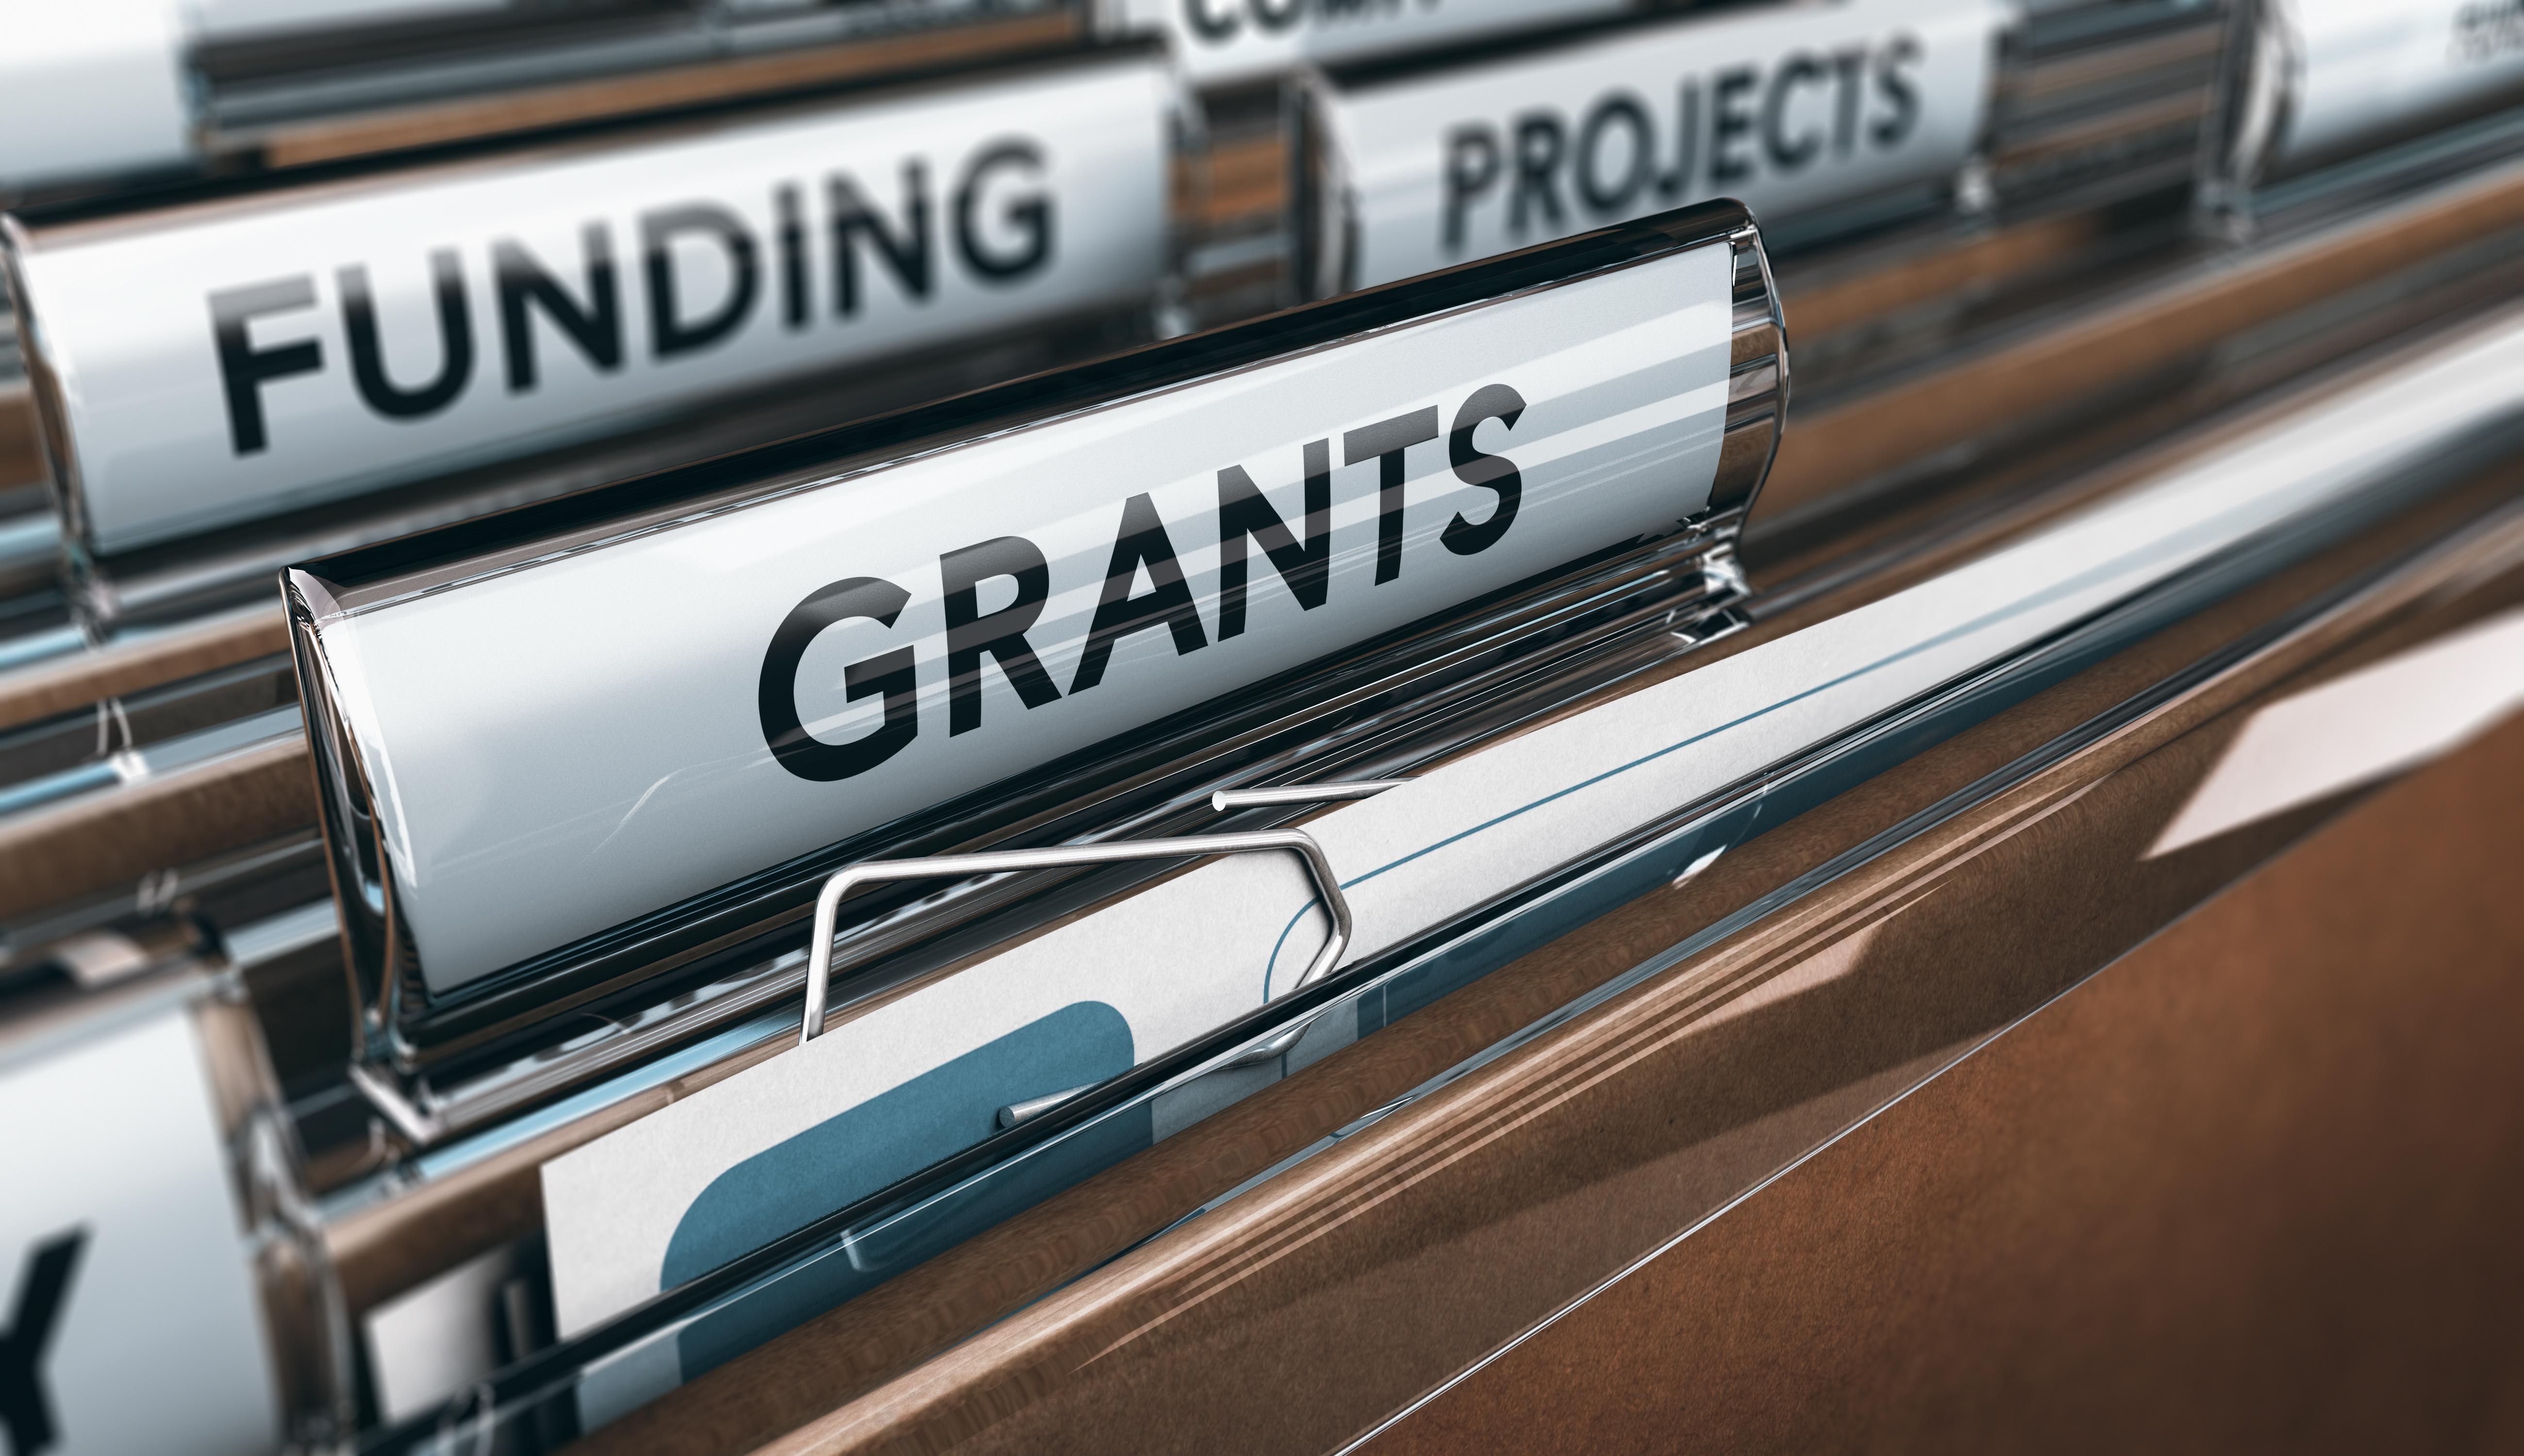 FY 18-19 Grants Updates